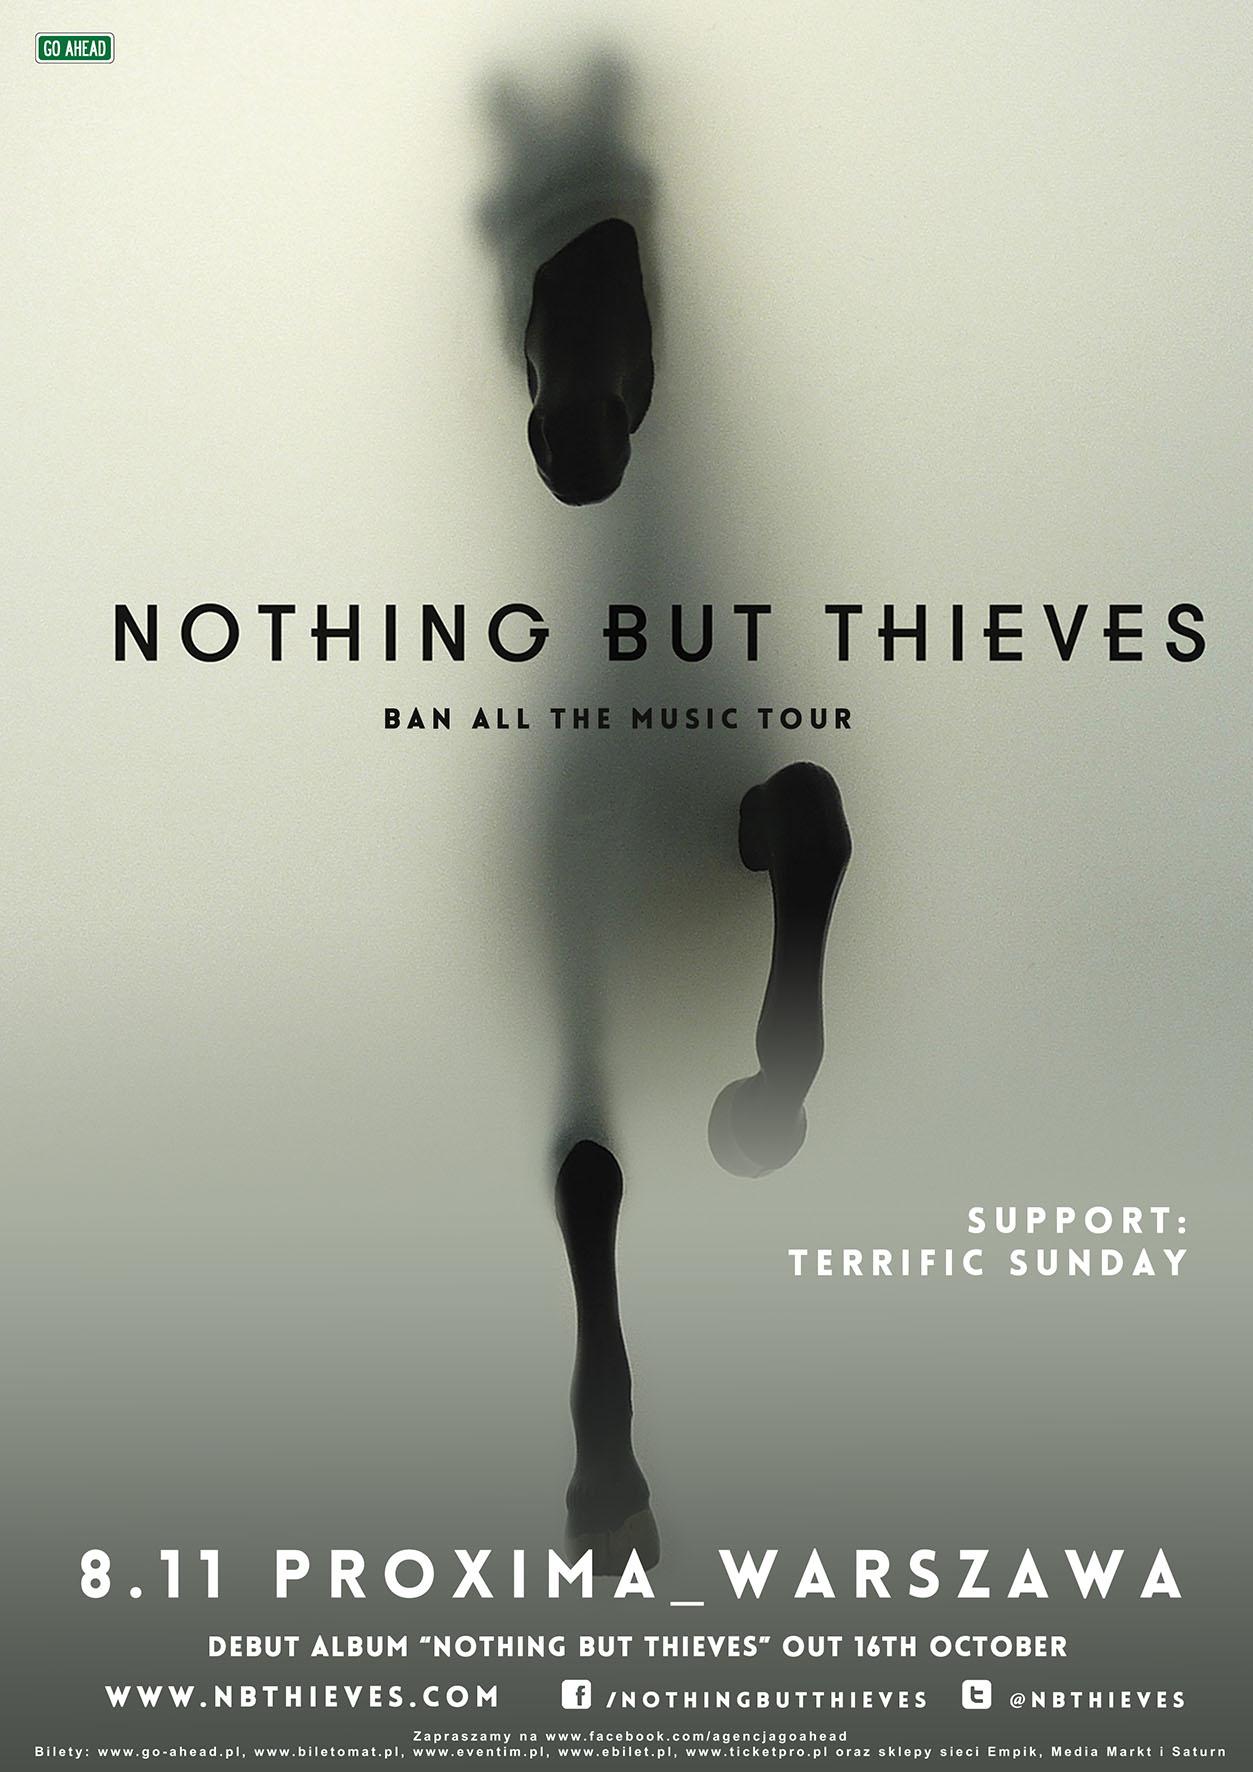 NBT_support